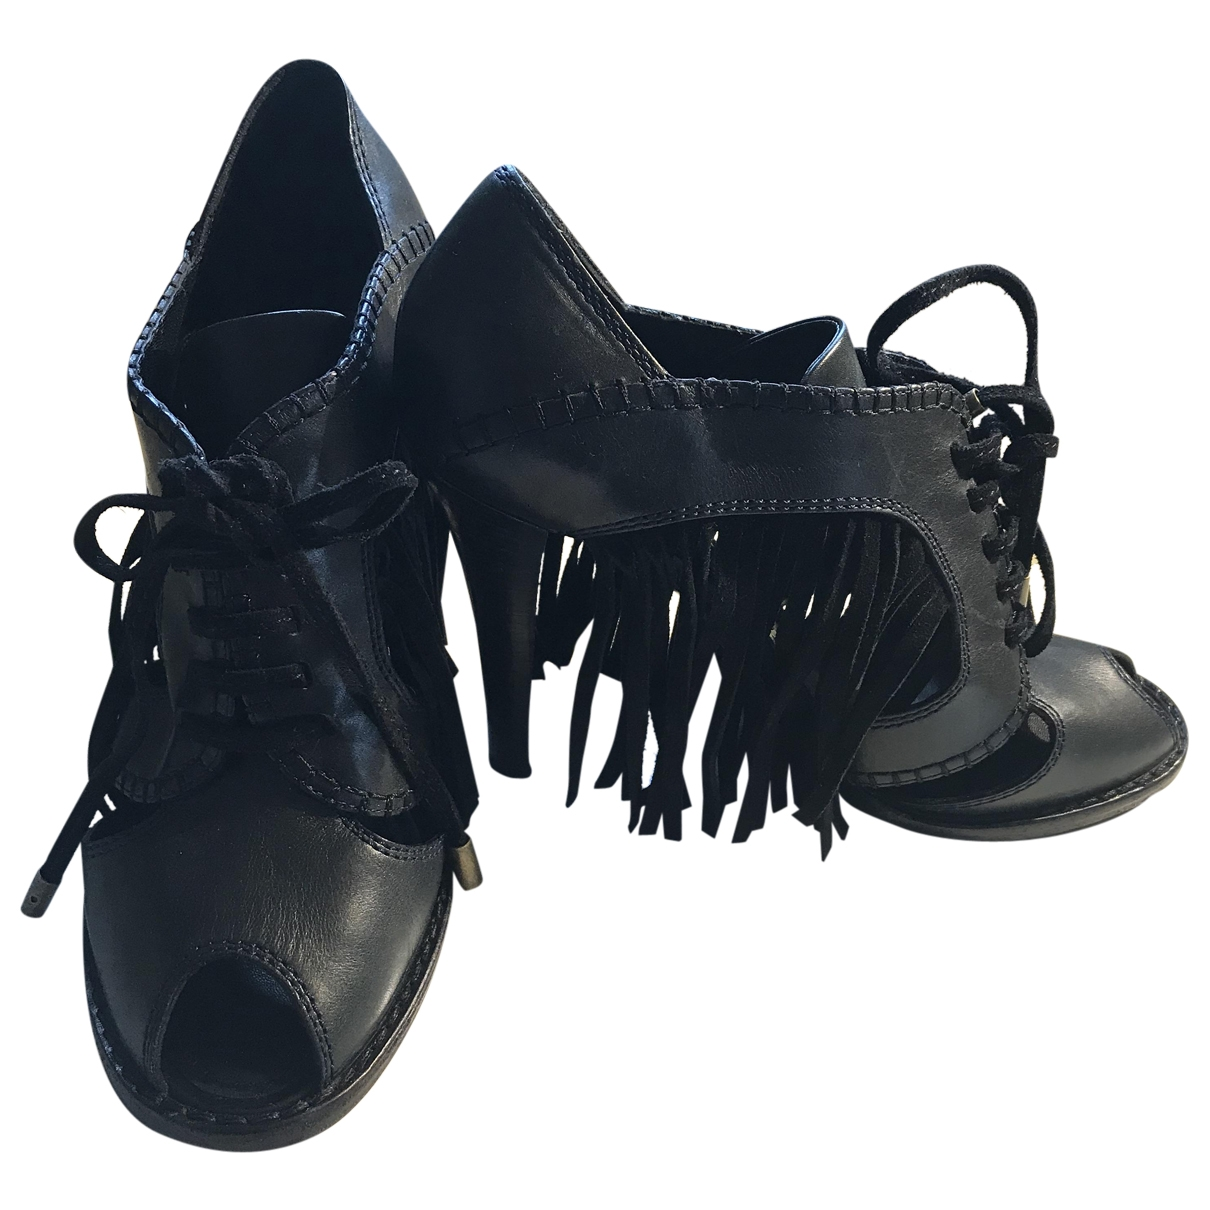 Louis Vuitton \N Black Leather Sandals for Women 40 EU